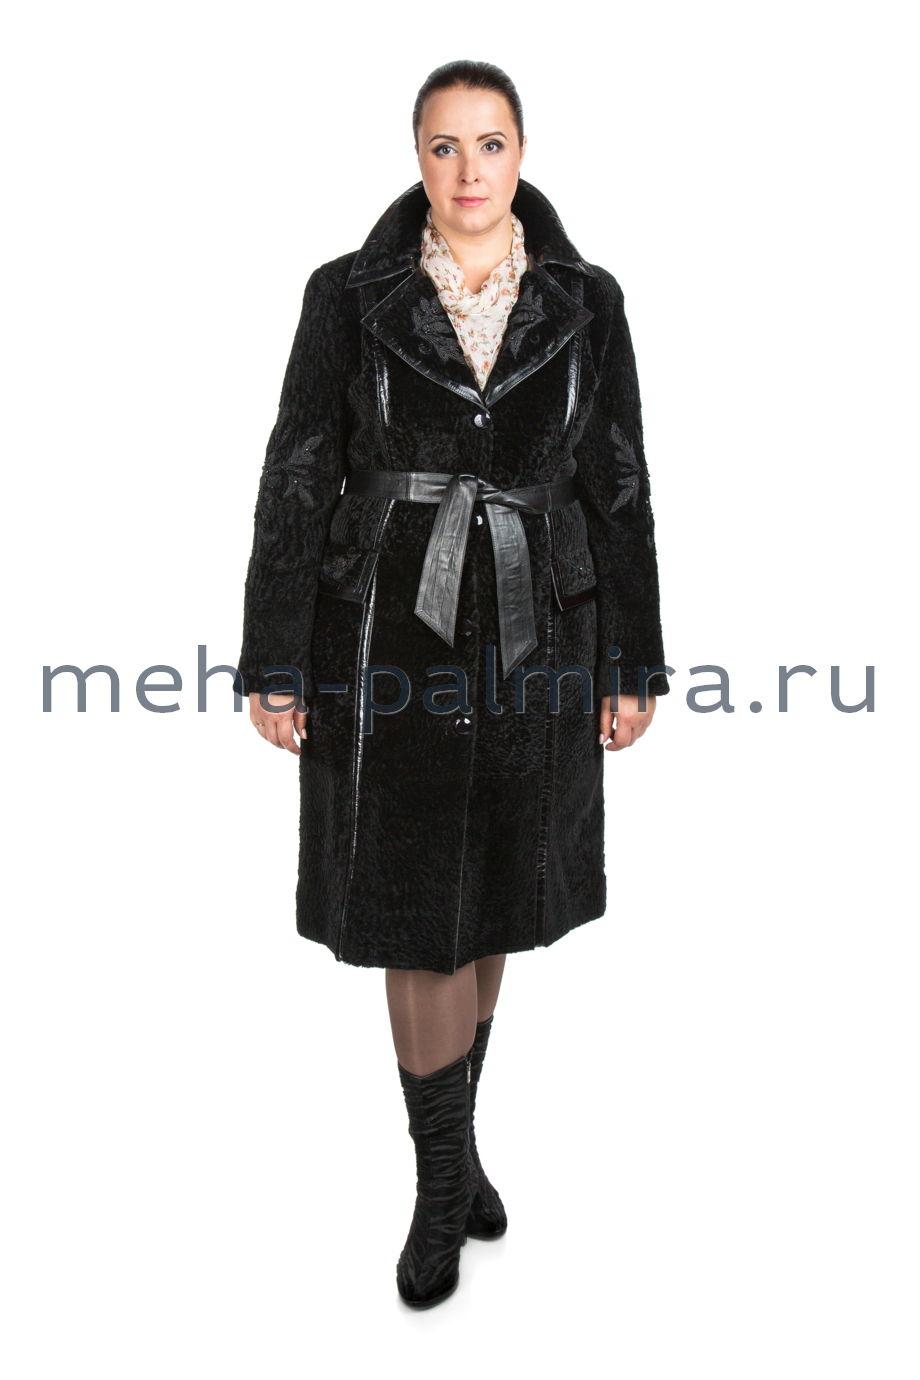 Женская шуба из астрагана черного цвета с воротником из песца